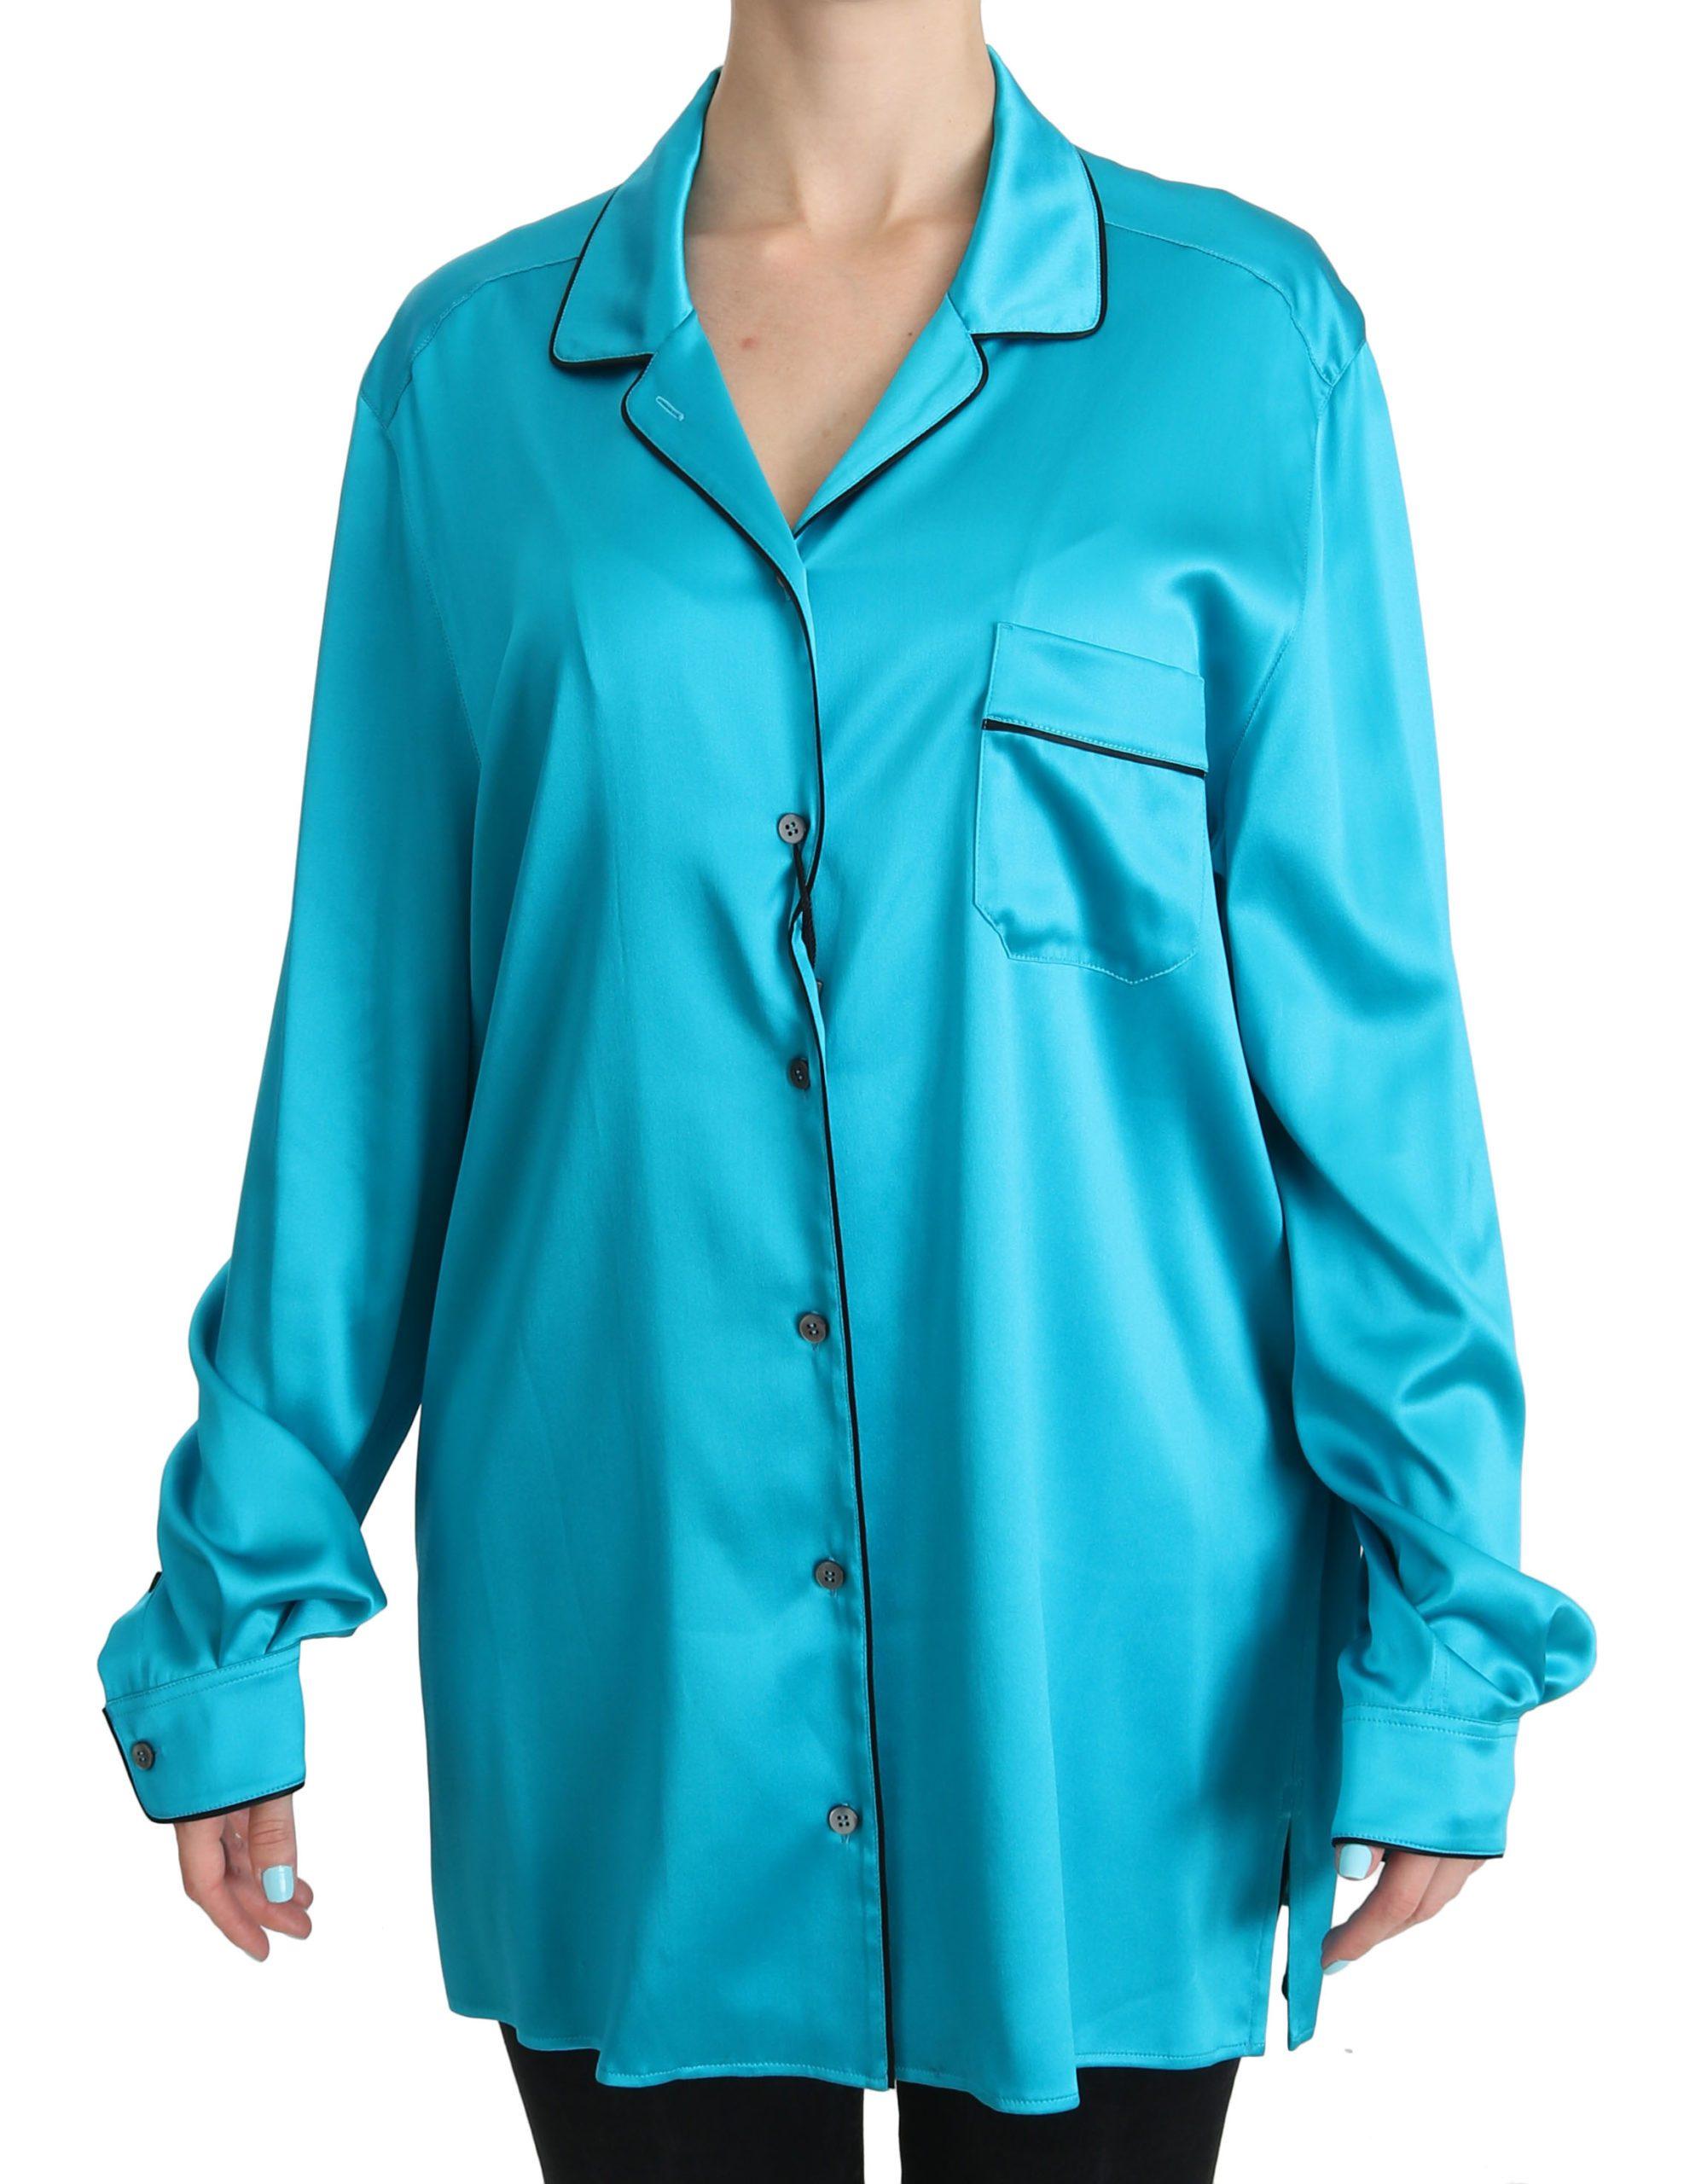 Dolce & Gabbana Women's Stretch Pyjama Shirt Blue TSH3872 - IT48|XXL